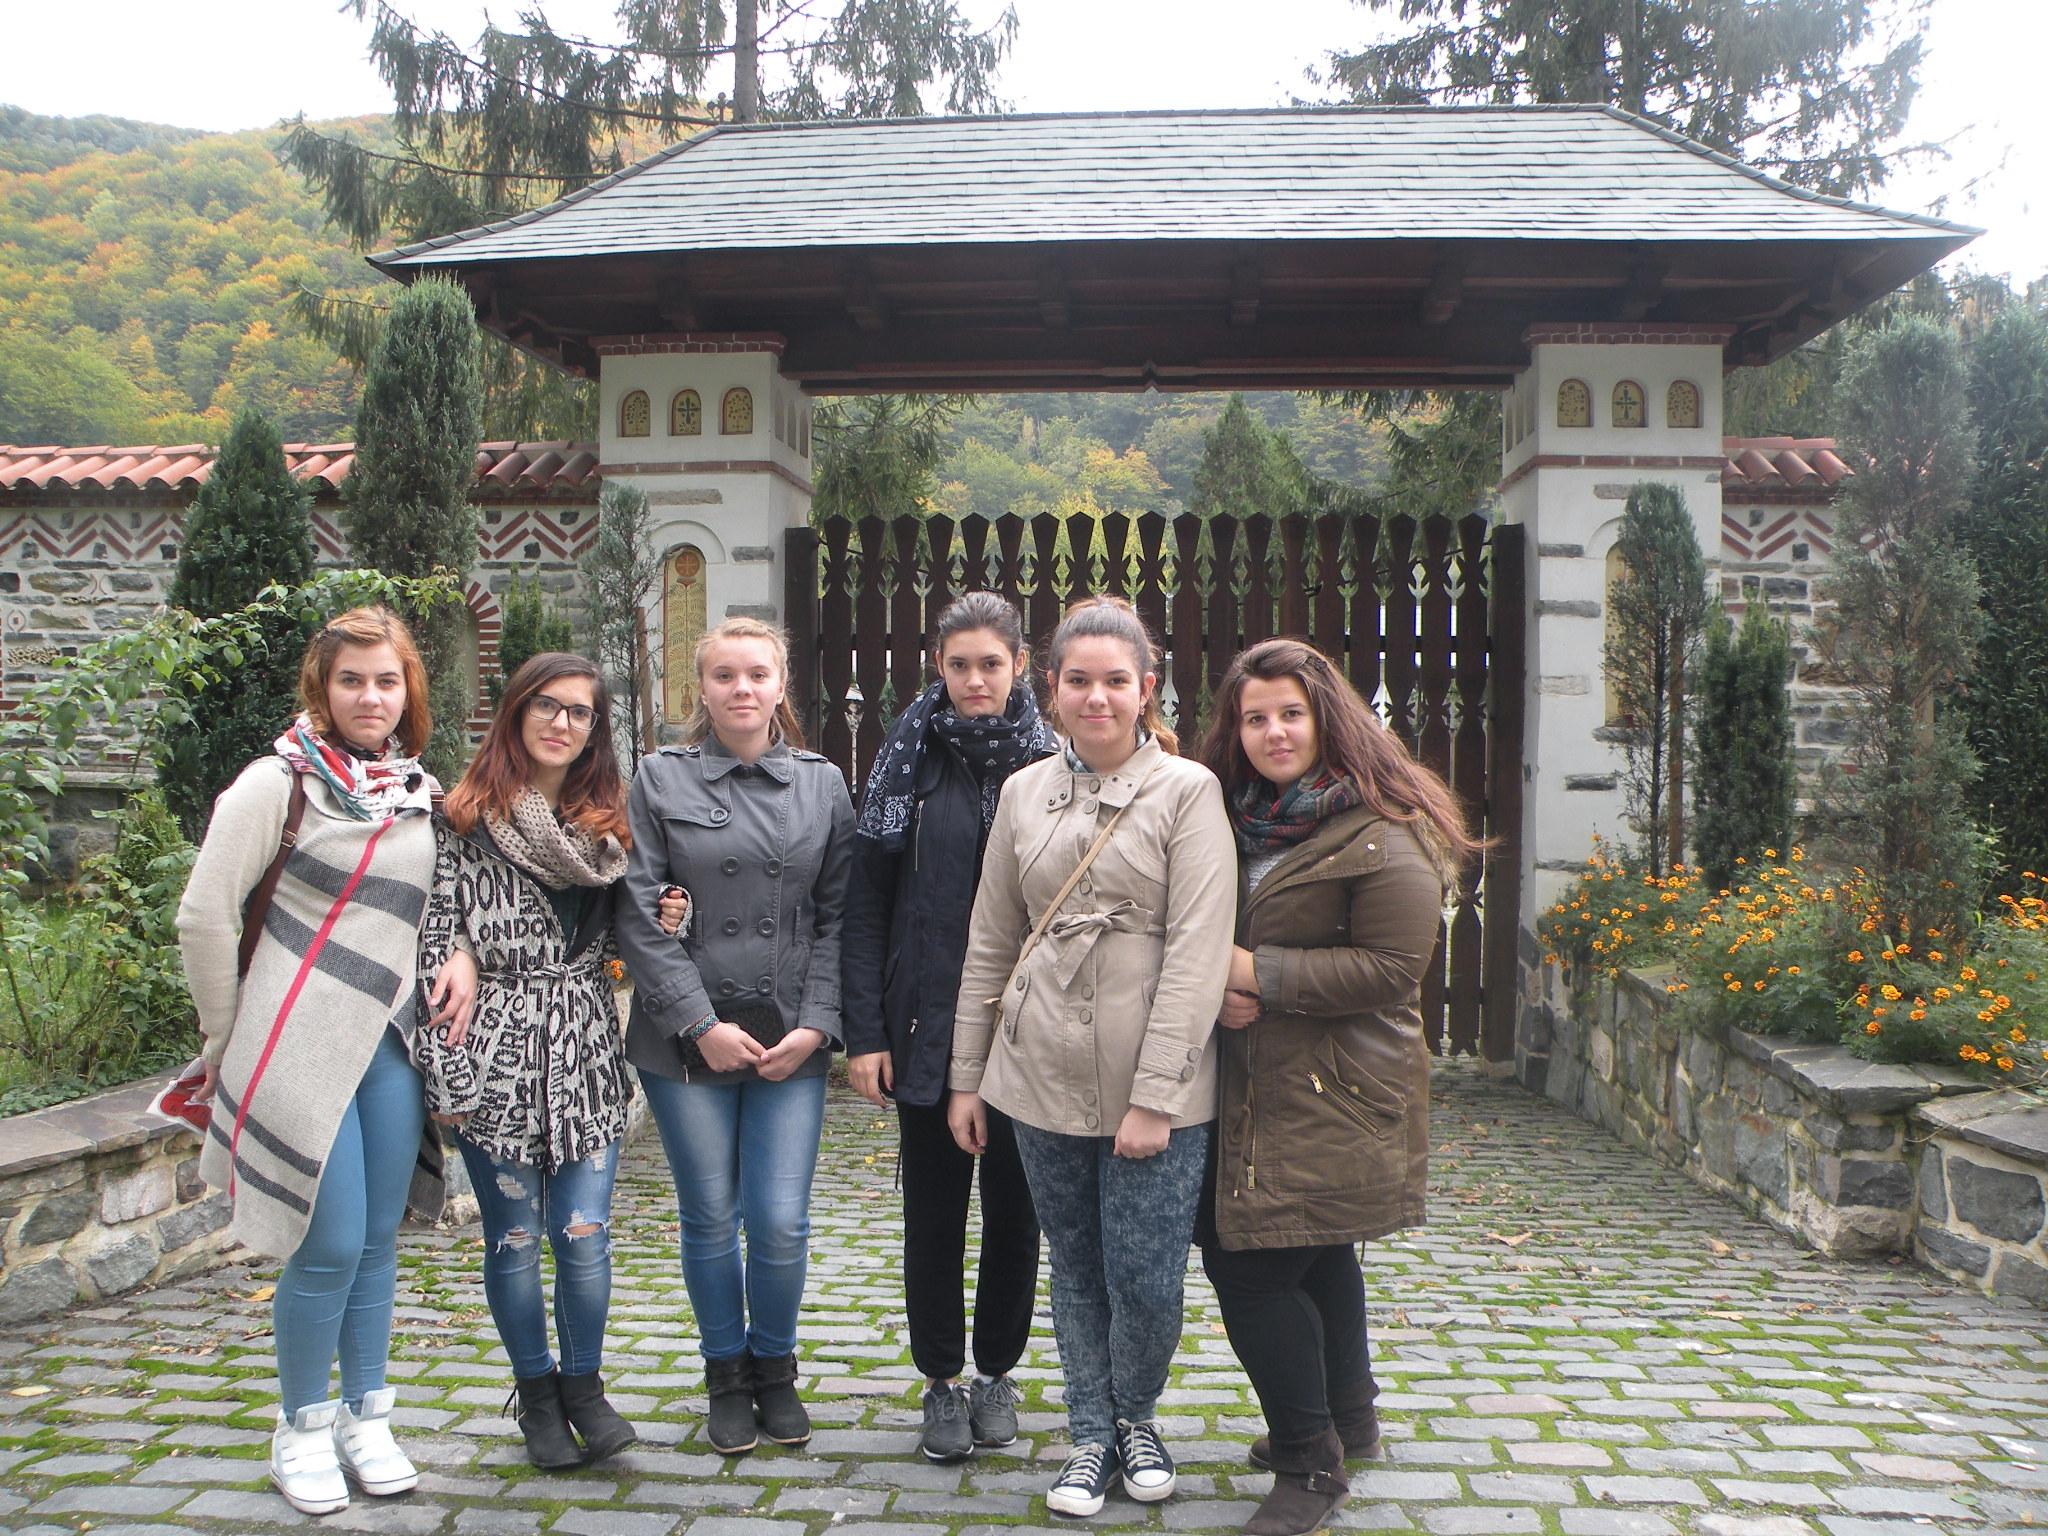 Grupul din Lipova a avut parte de cateva vizite frumoase in care au vazut locuri noi